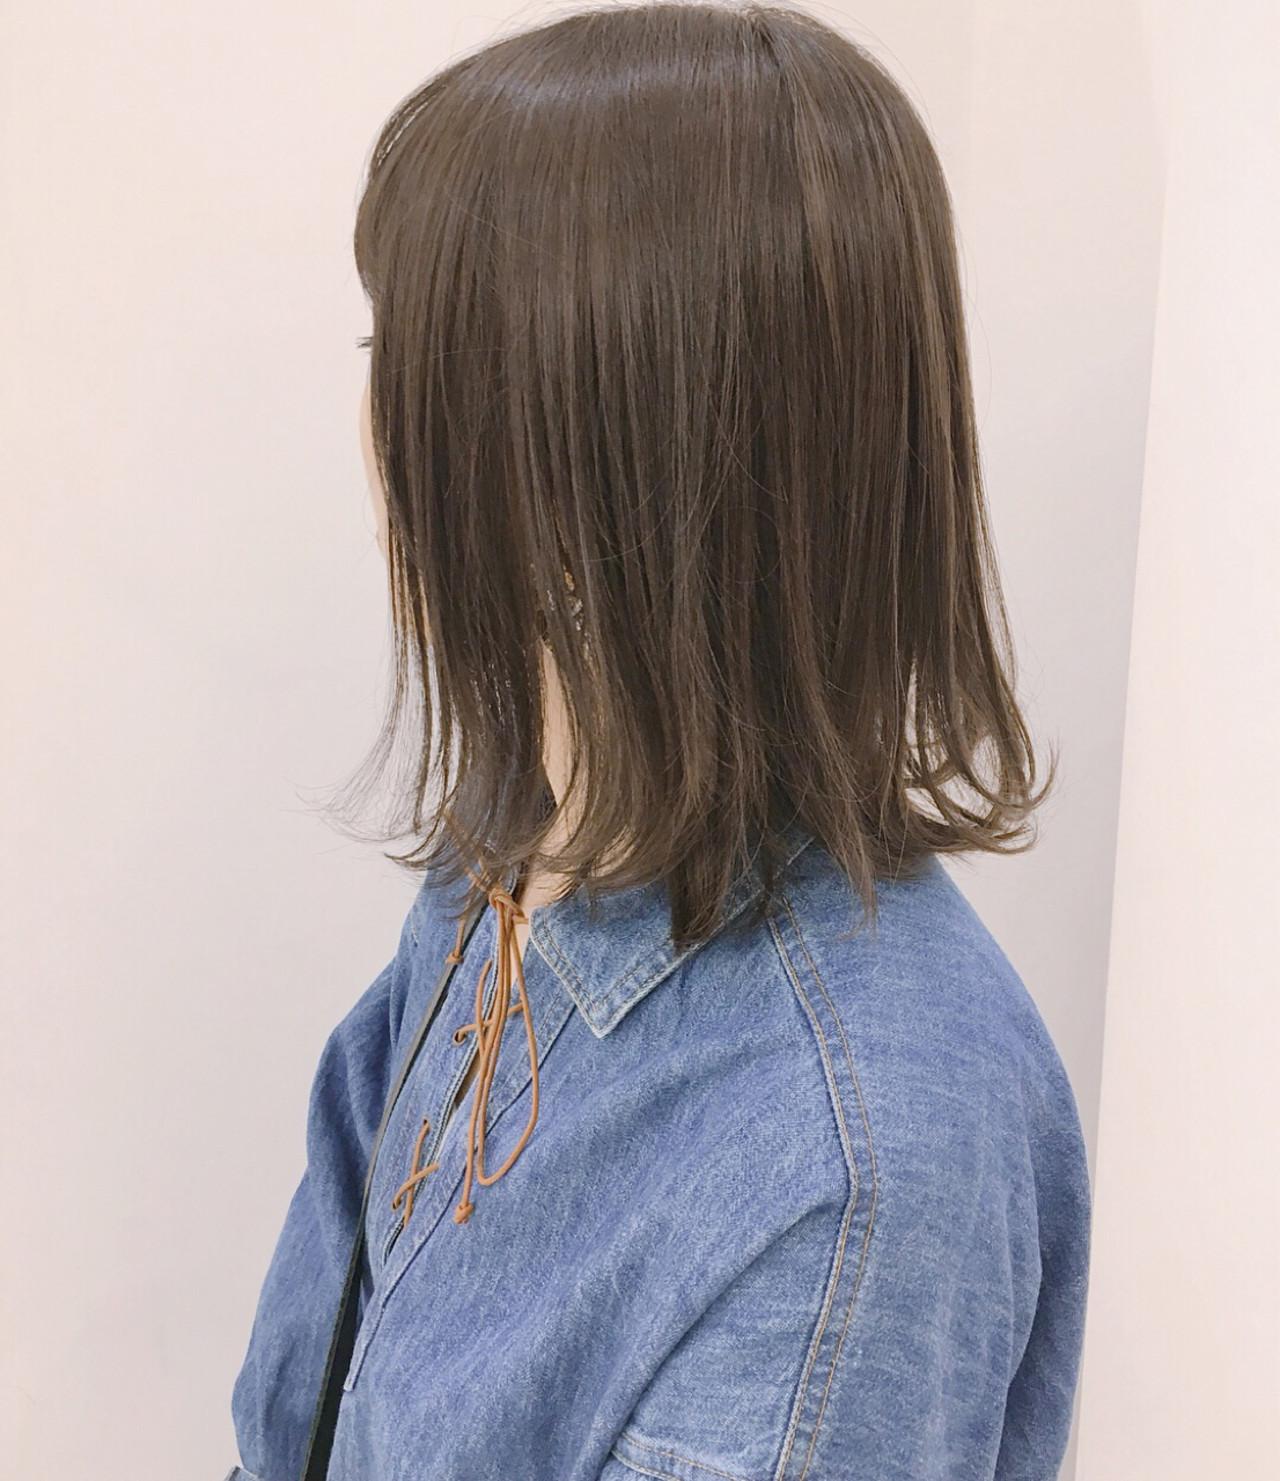 大人かわいい グレージュ ミディアム 透明感 ヘアスタイルや髪型の写真・画像